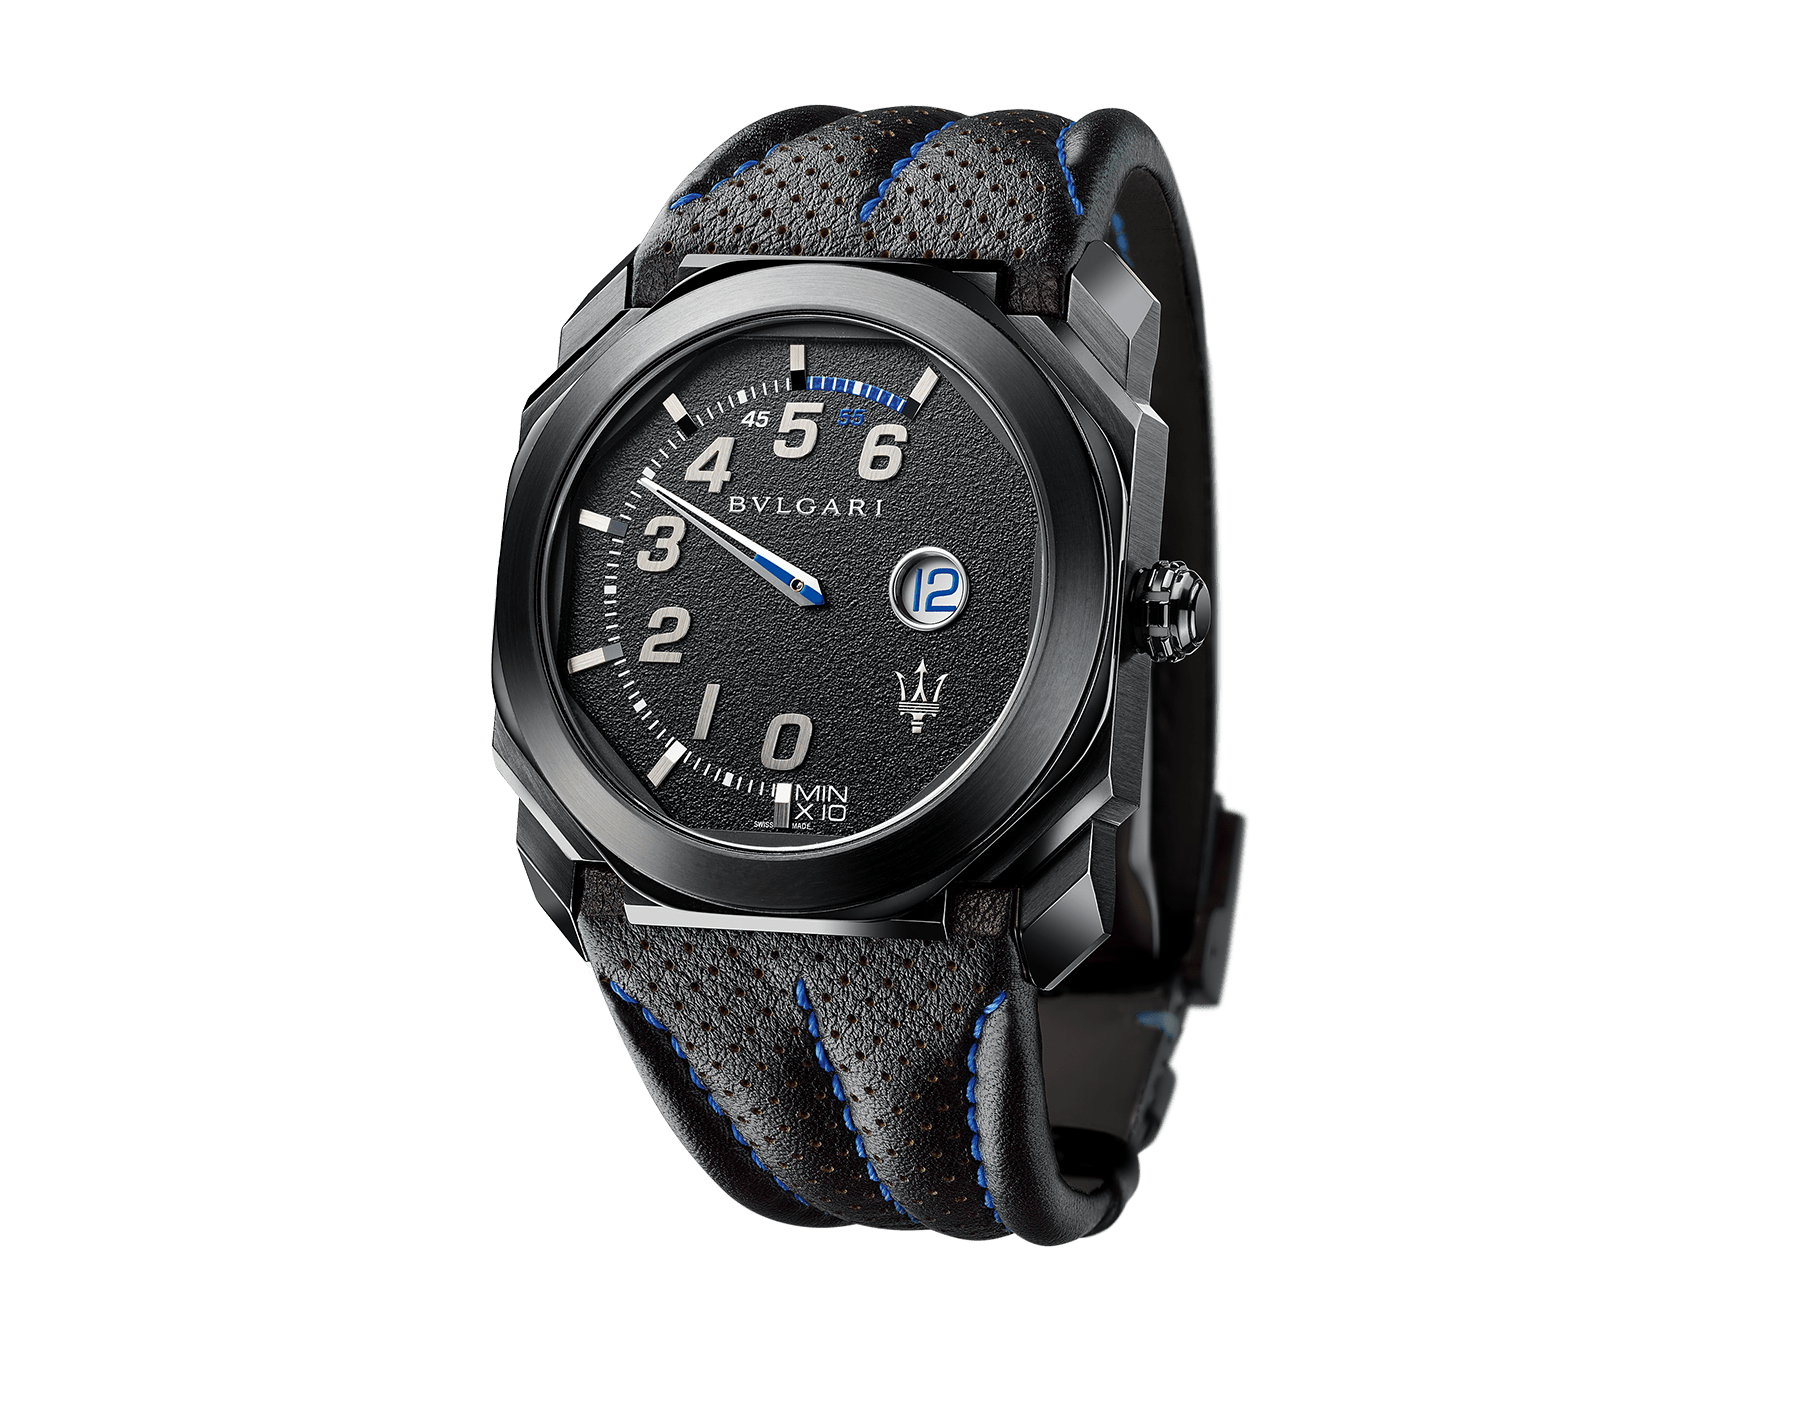 Relógio Octo Maserati GranSport edição limitada Mono-Retro com movimento de manufatura mecânico, corda automática, horas saltantes e minutos retrógrados. Caixa em aço inoxidável com tratamento em carbono tipo diamante (DLC) preto, mostrador preto e pulseira em couro preto. 102717 image 1